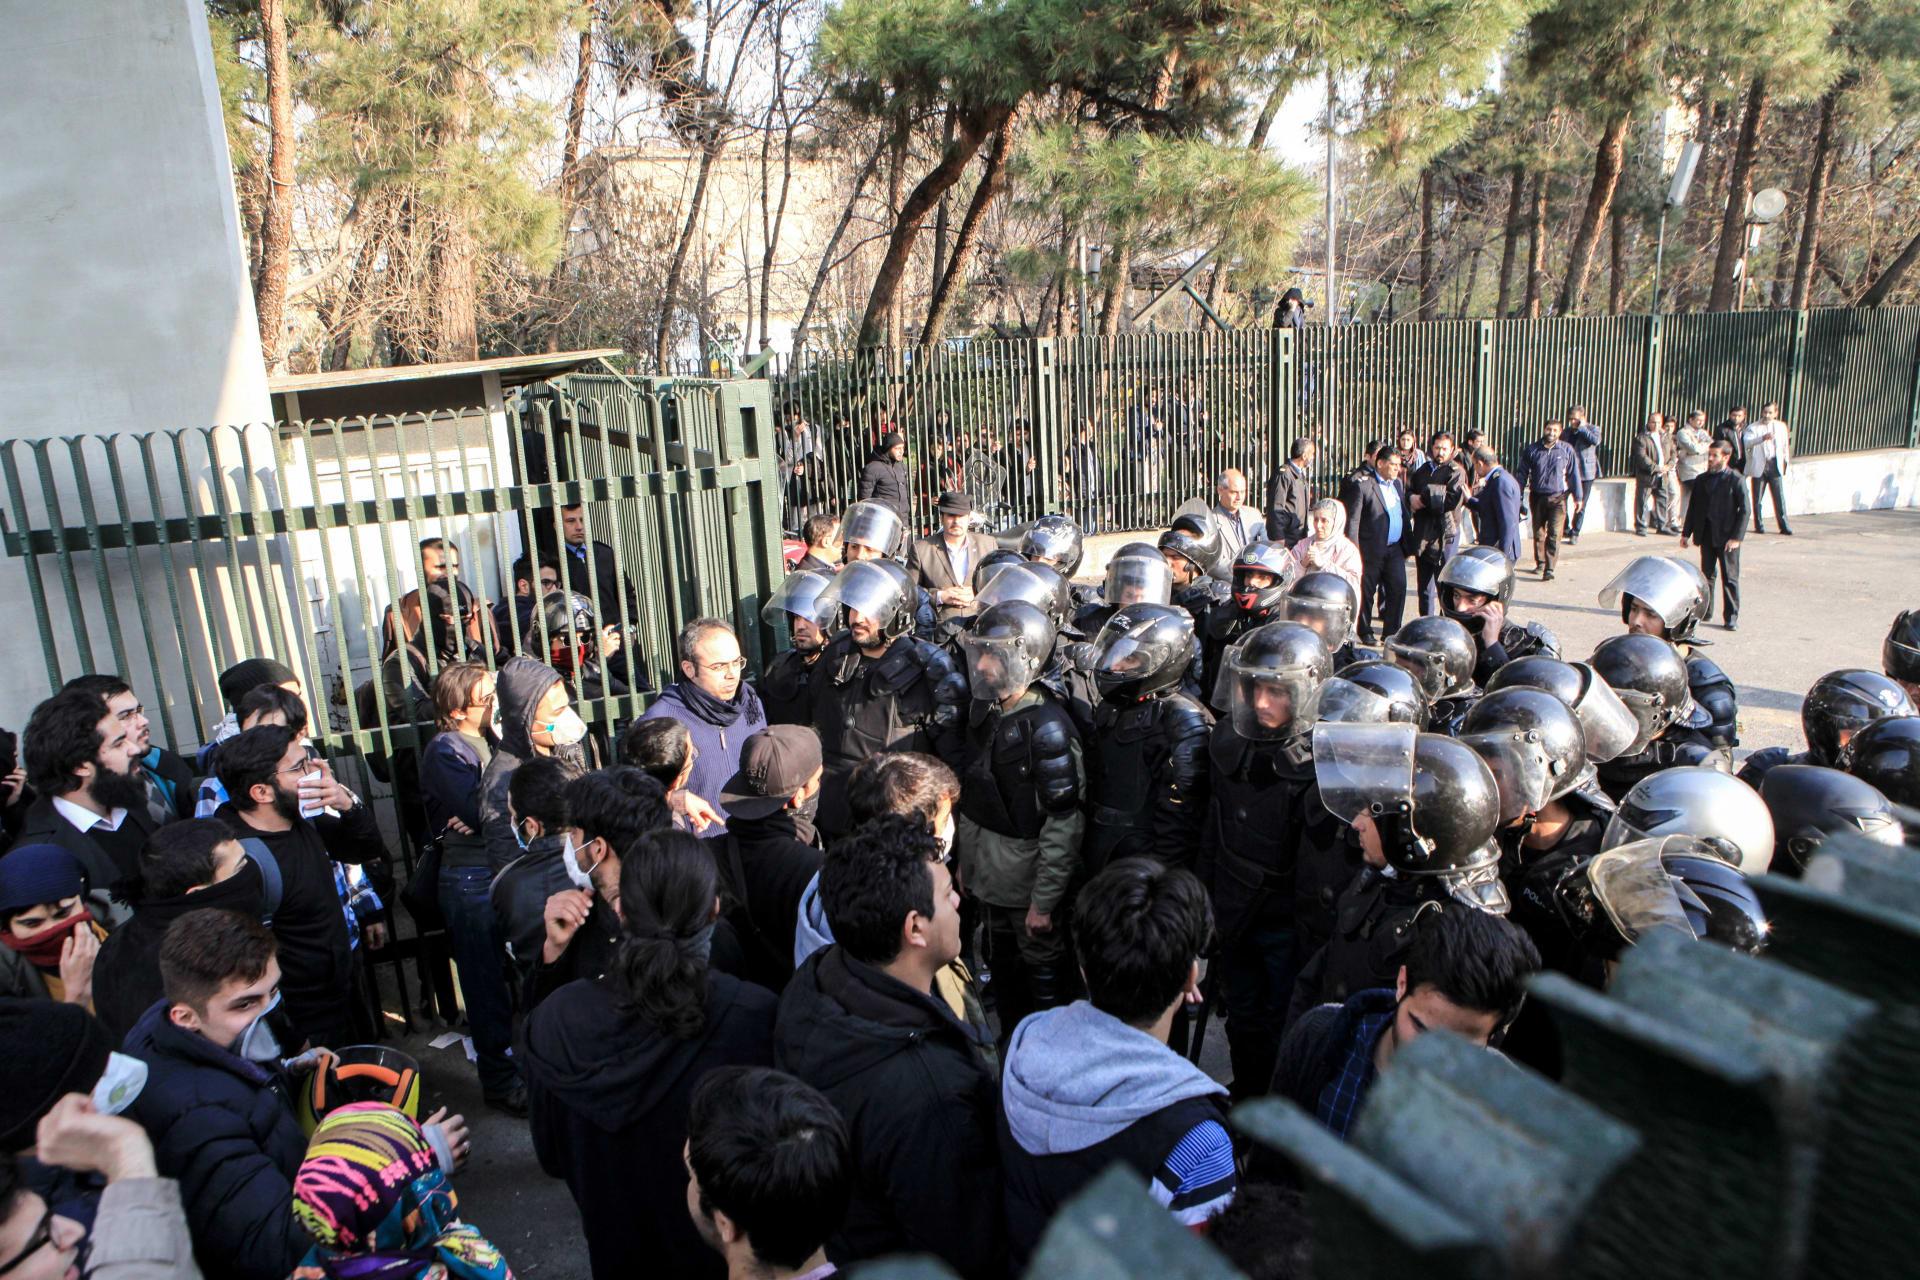 """إيران تحقق بـ""""الصندوق الأسود"""" للمظاهرات وتكرر مهاجمة أمريكا والرياض"""